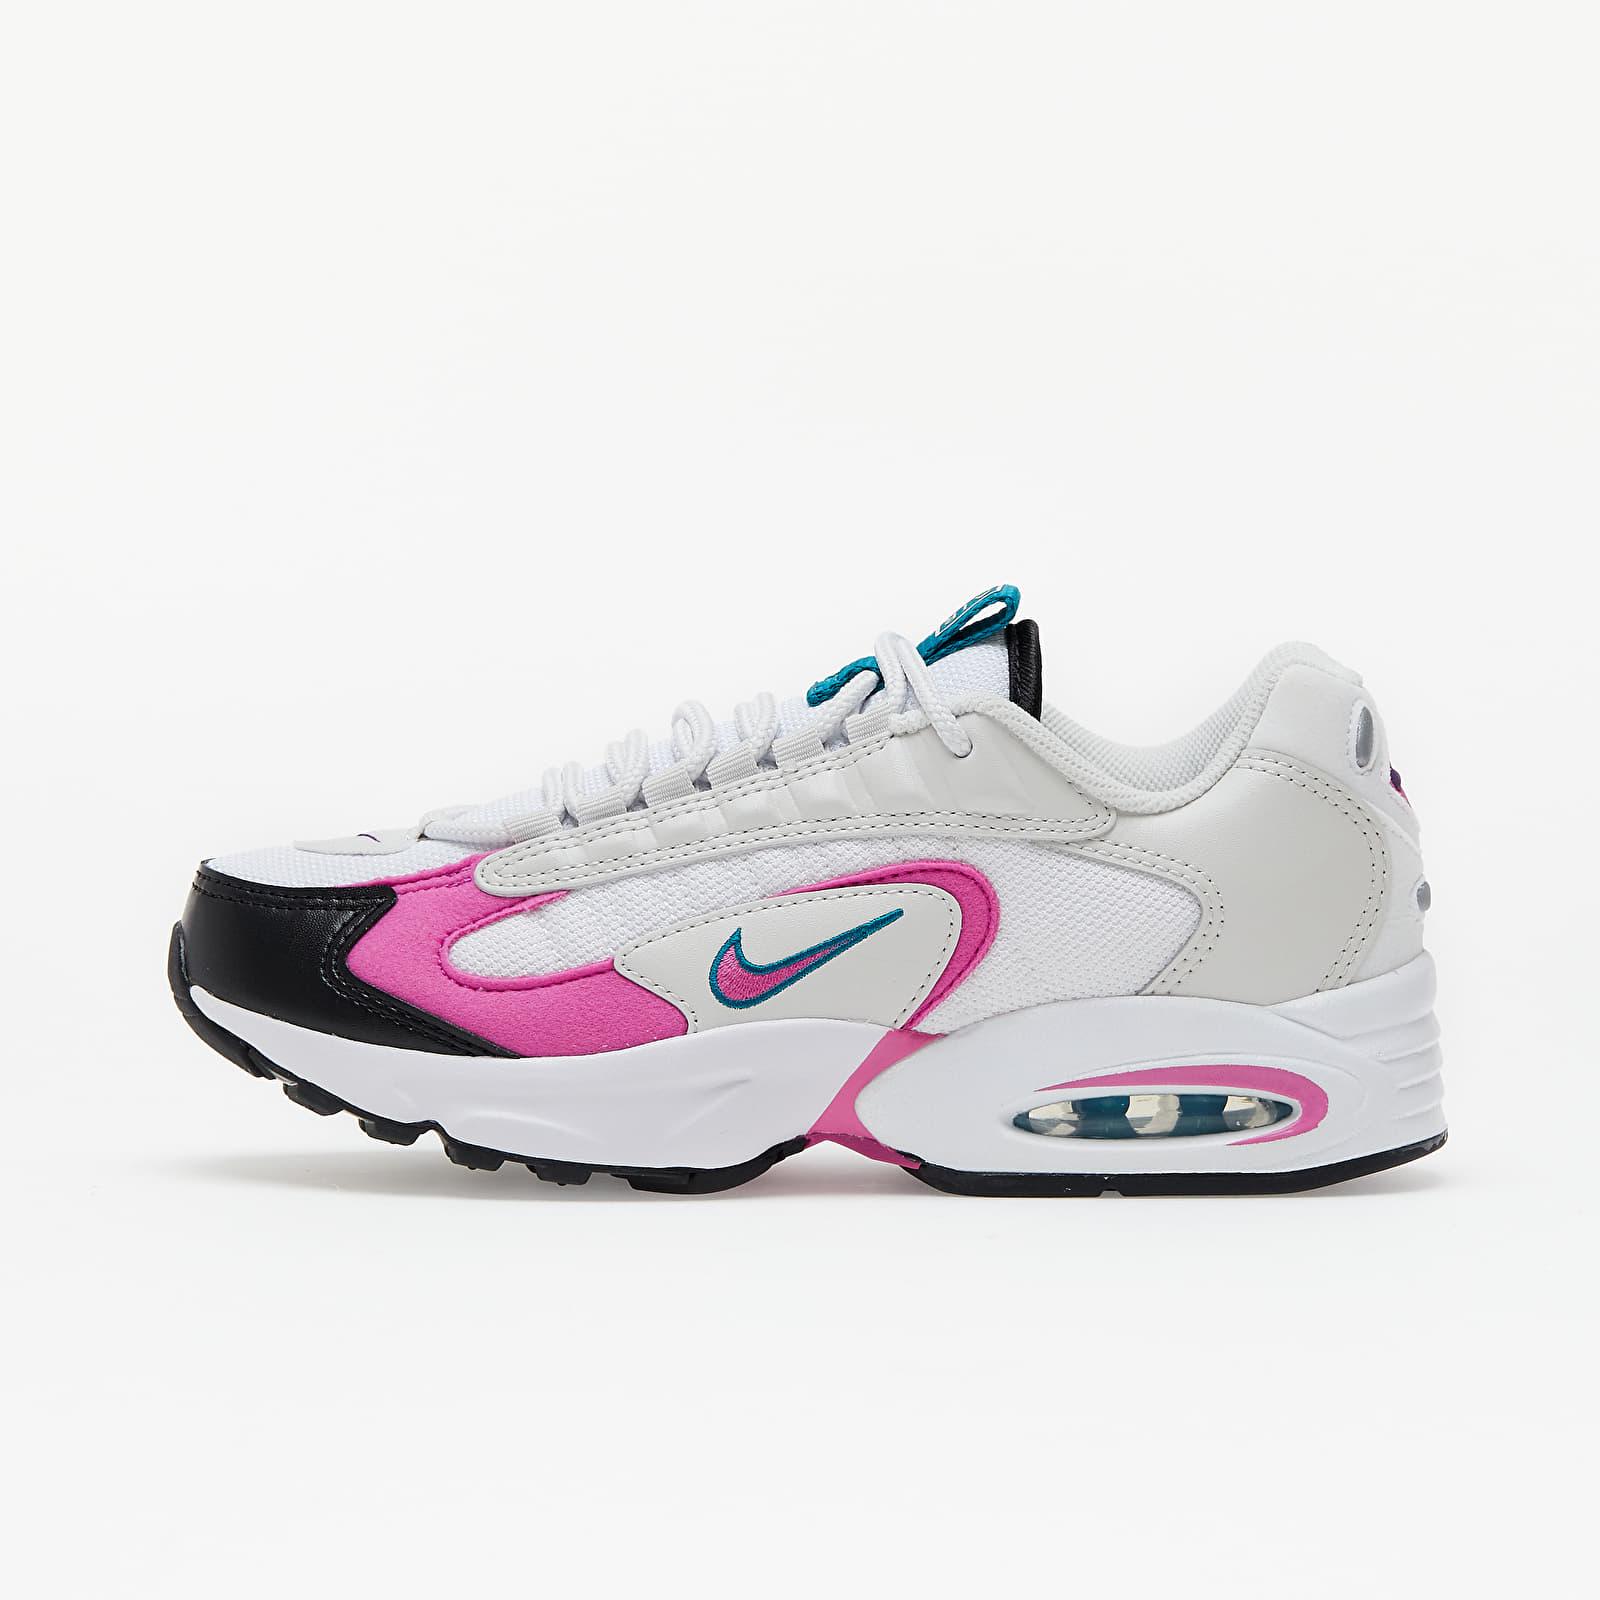 Scarpe e sneaker da donna Nike W Air Max Triax White/ Active Fuchsia-Bright Spruce